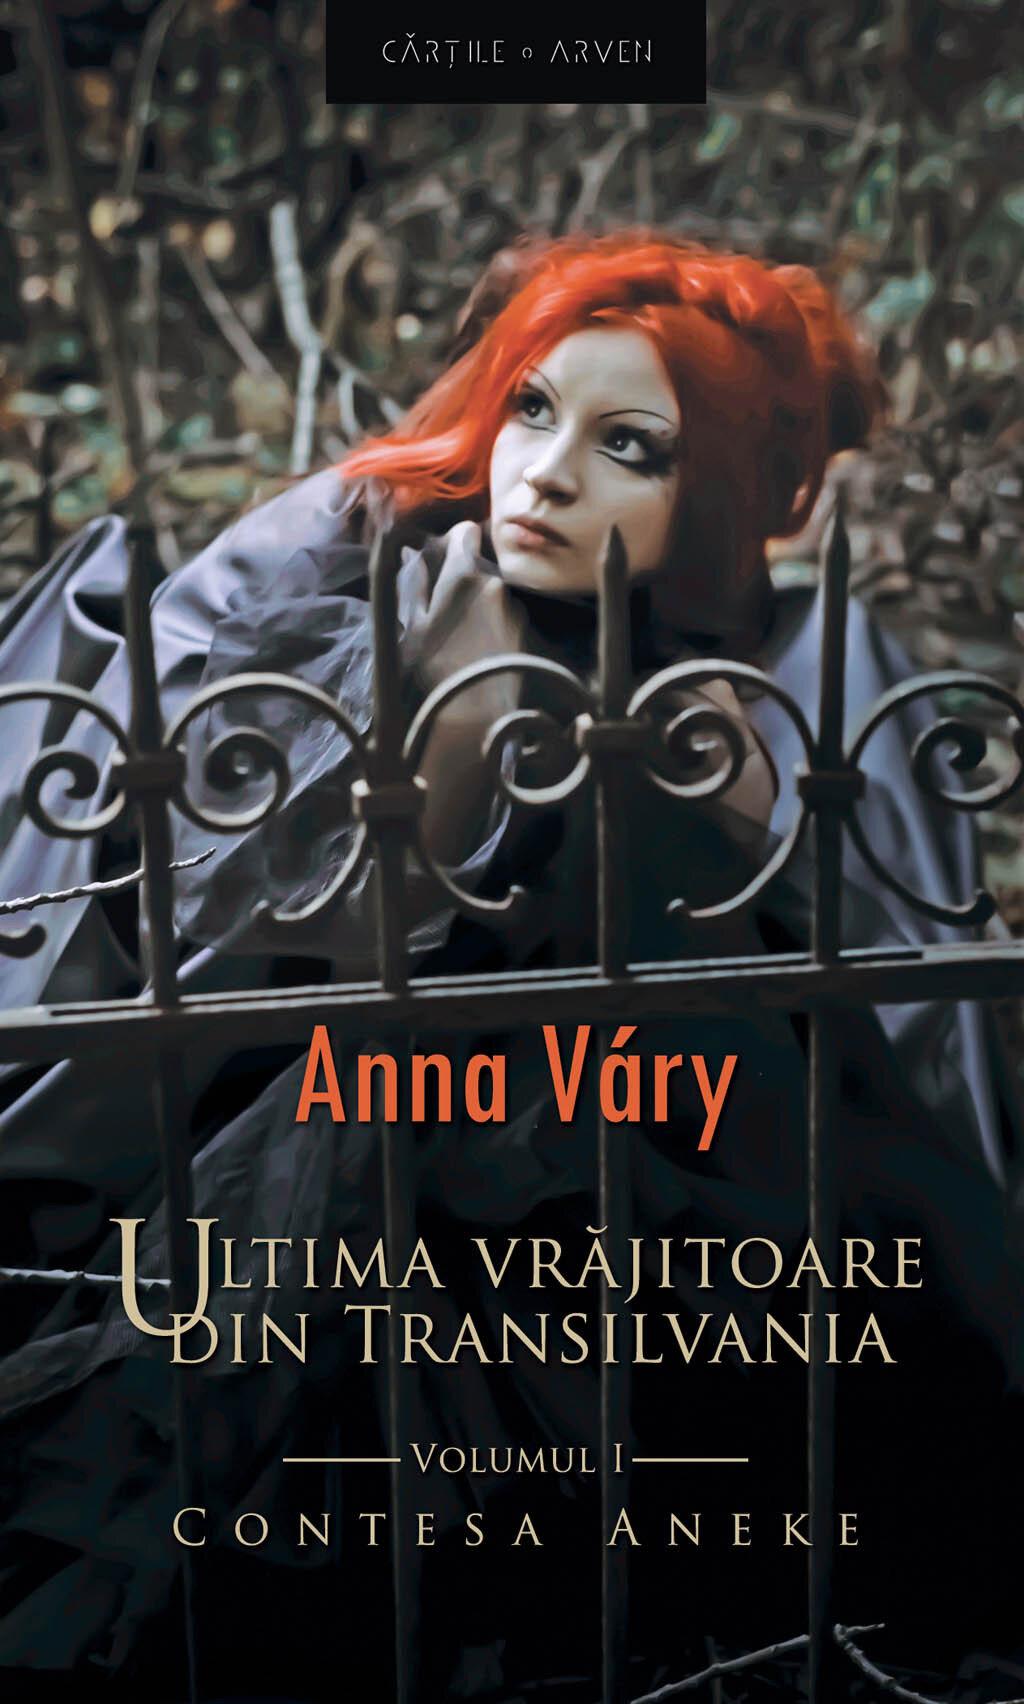 Ultima vrajitoare din Transilvania. Vol. 1 - Contesa Aneke (eBook)